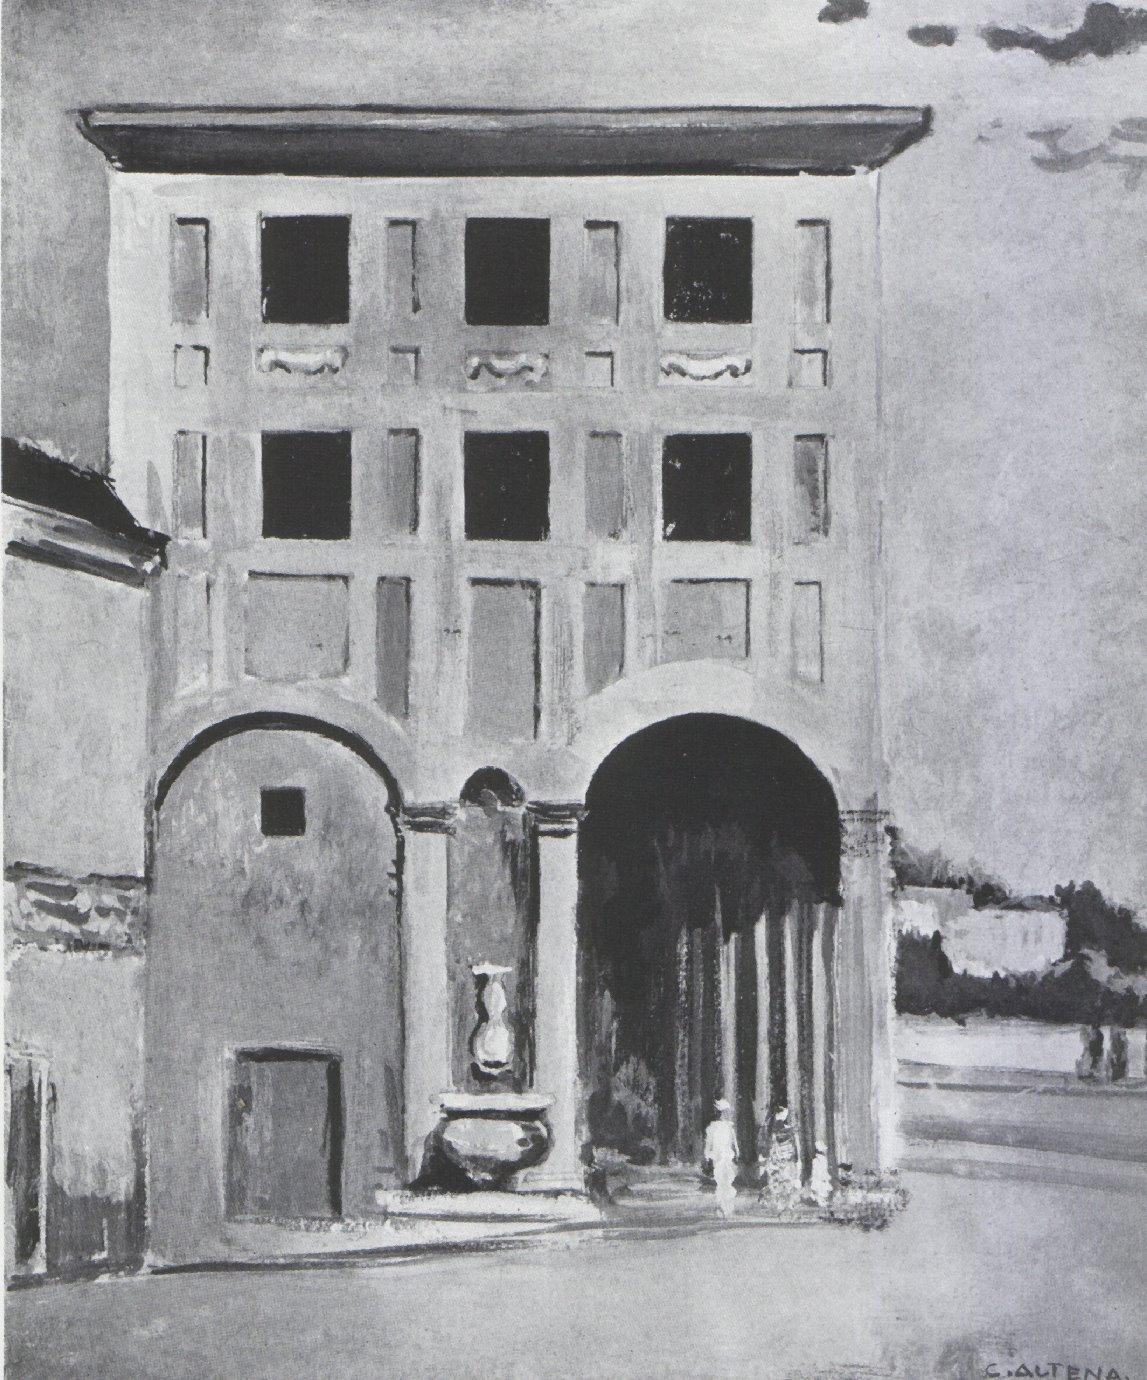 Architekturzeichnung von Carl Altena